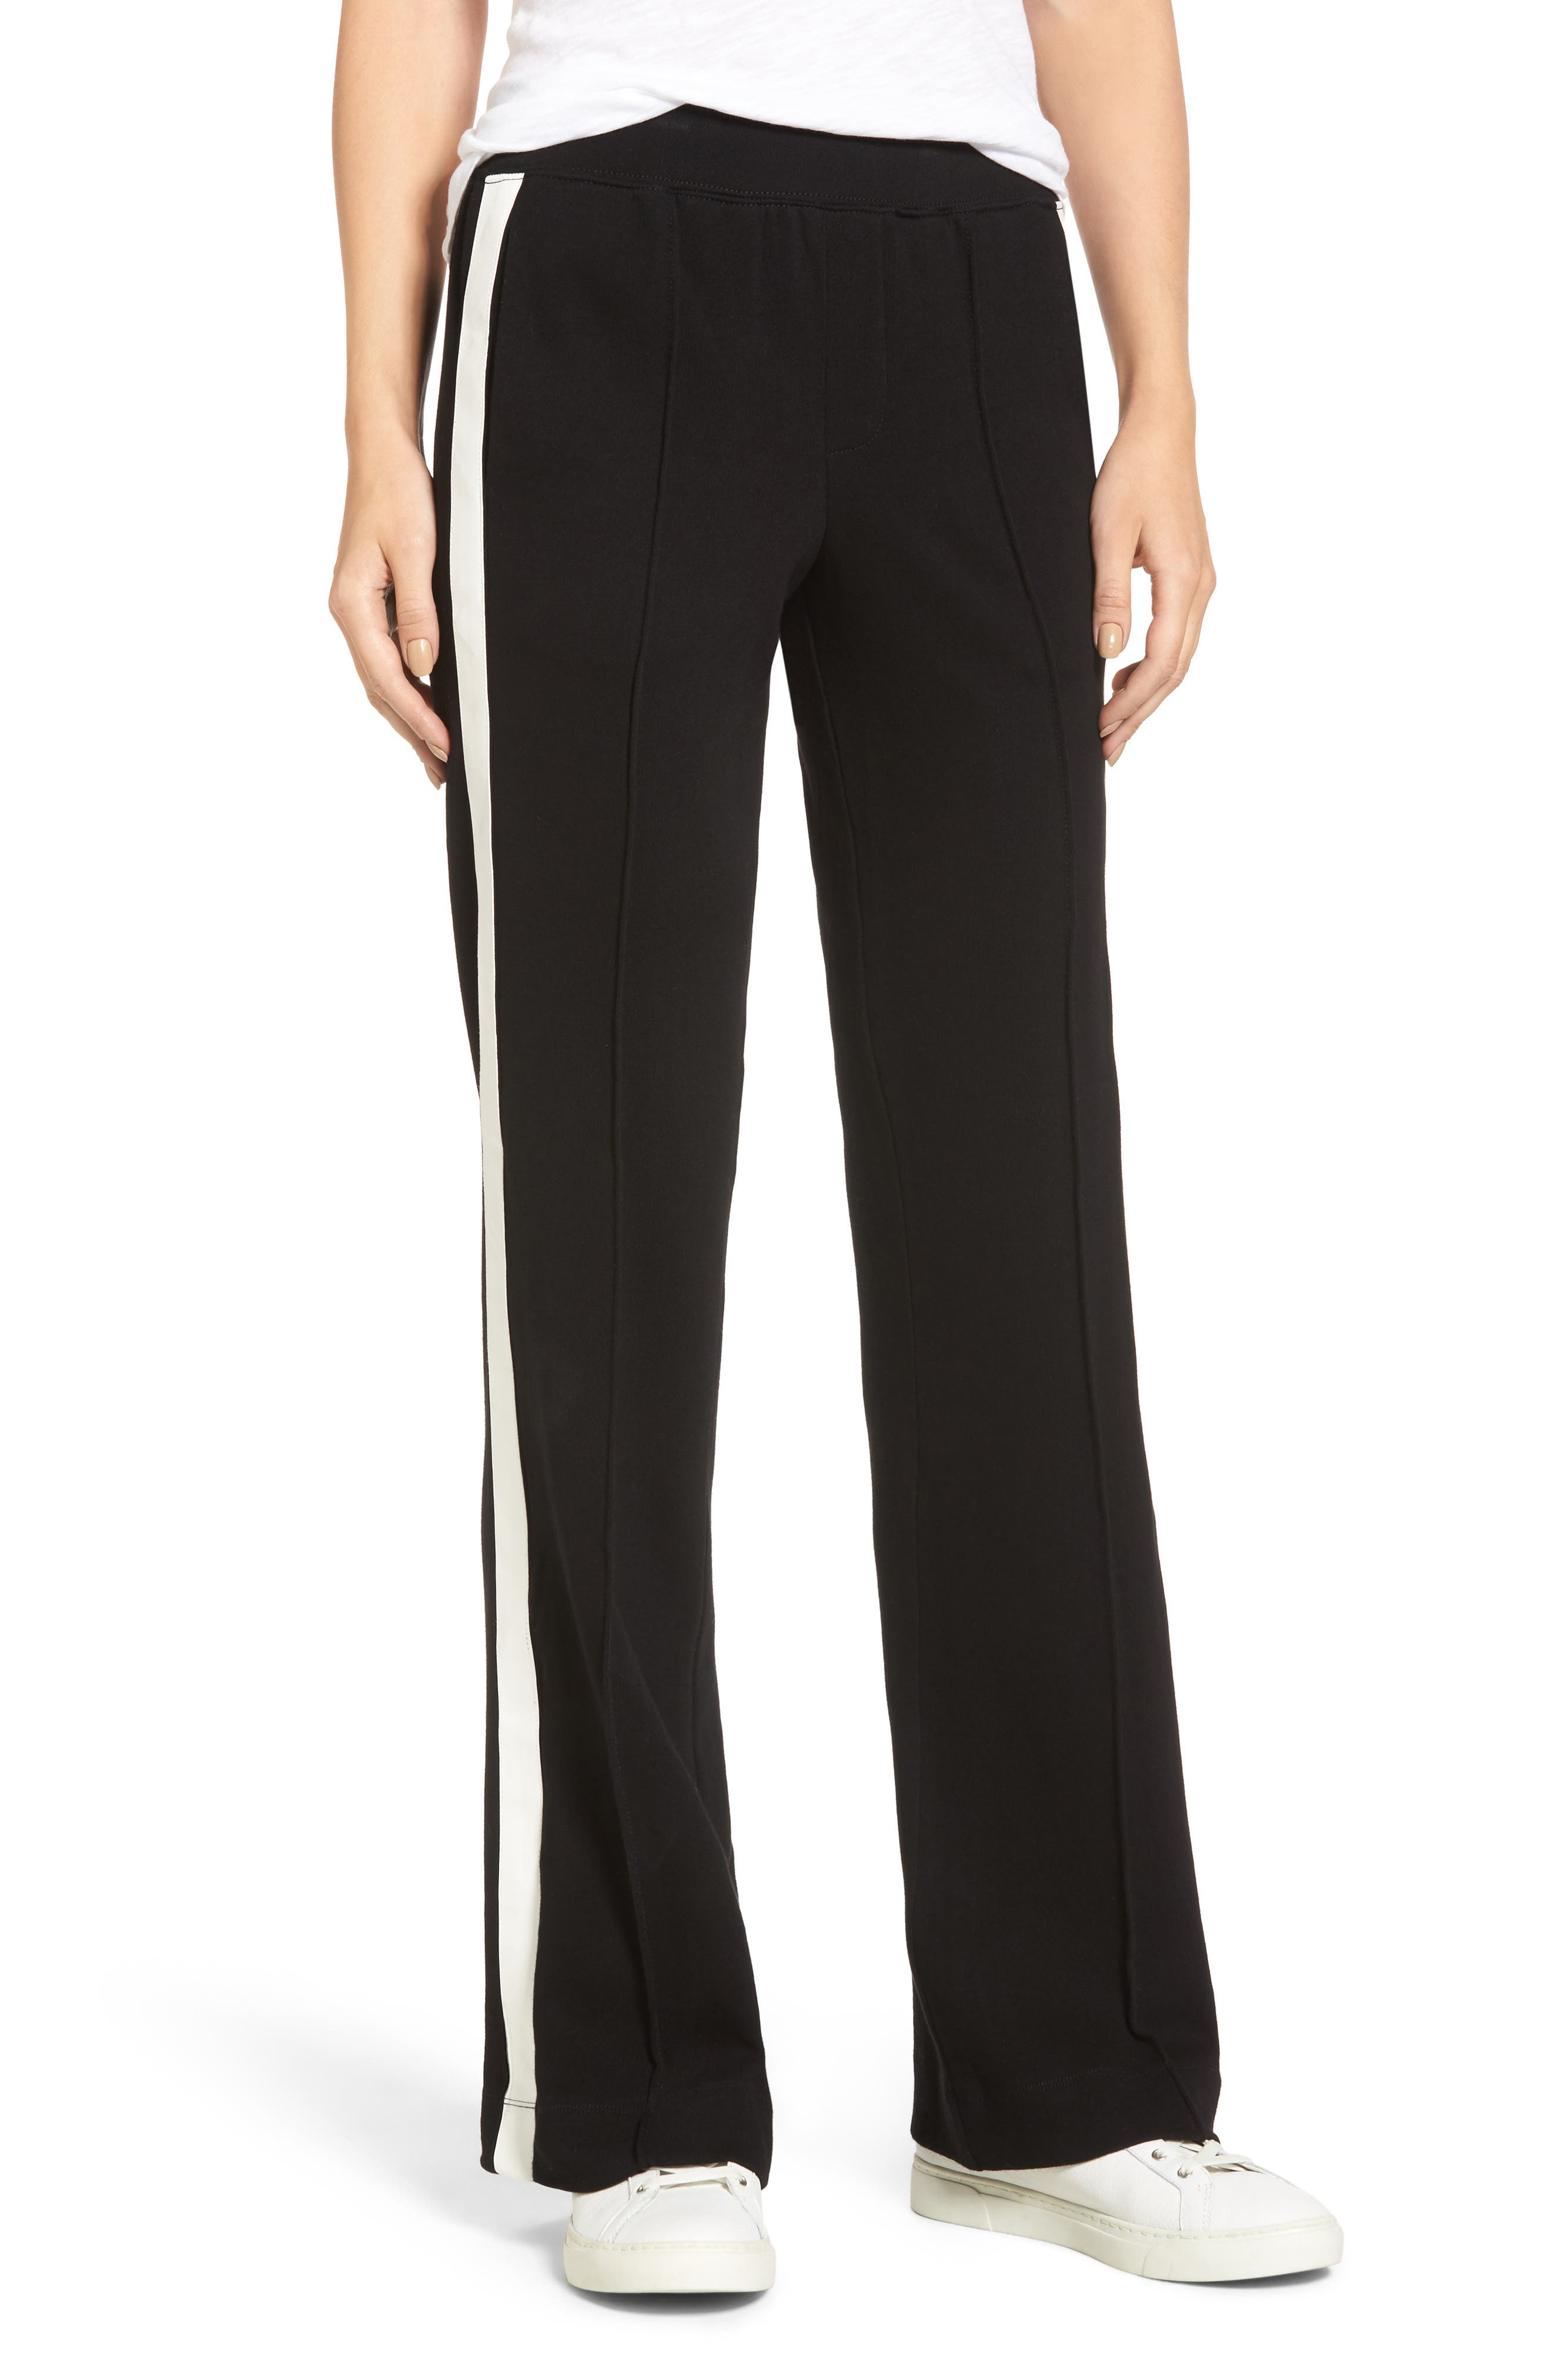 Pam & Gela Wide Leg Track Pants